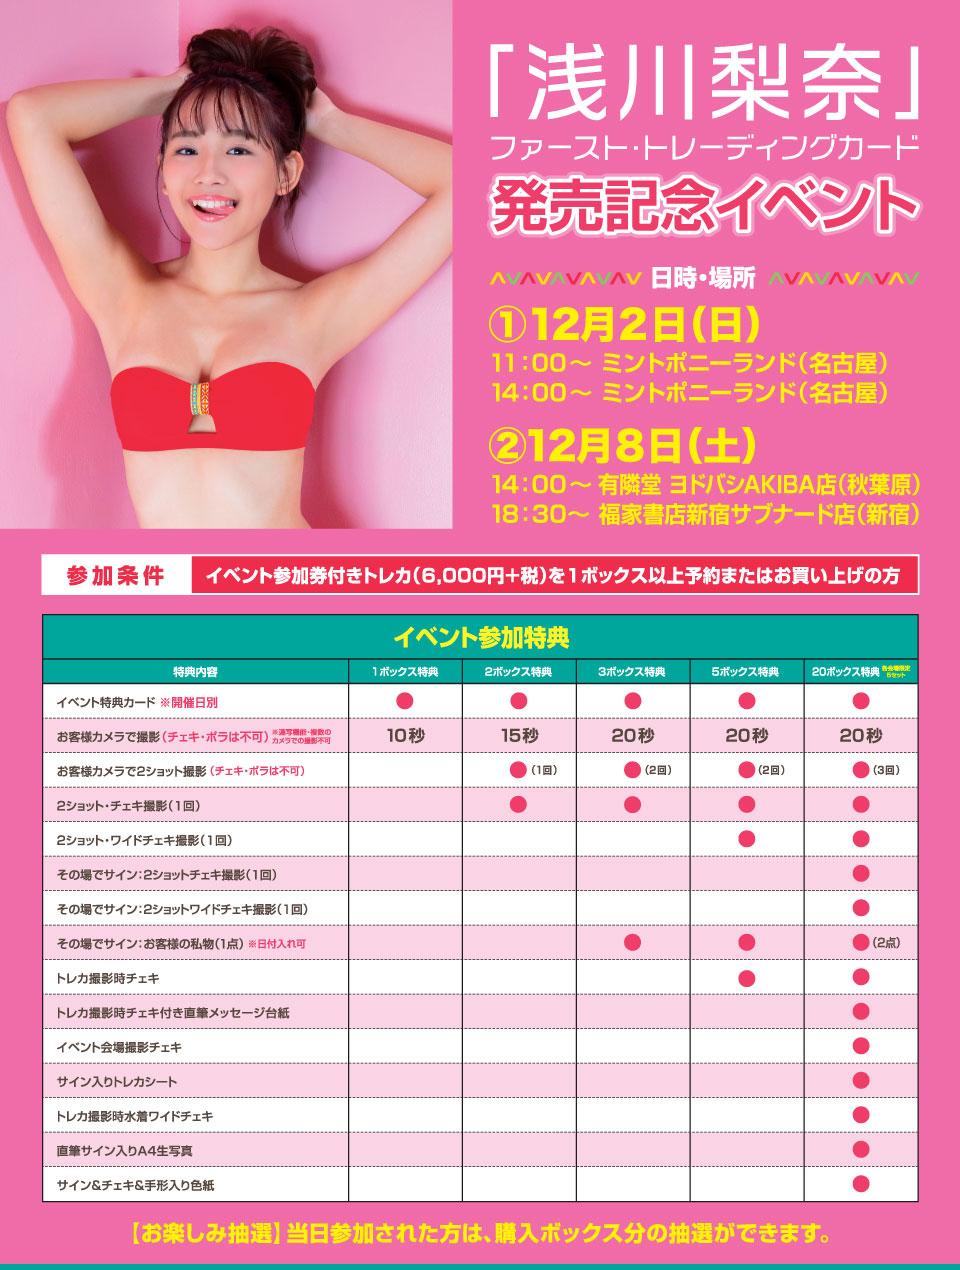 浅川梨奈 ファースト・トレーディングカード発売記念イベント